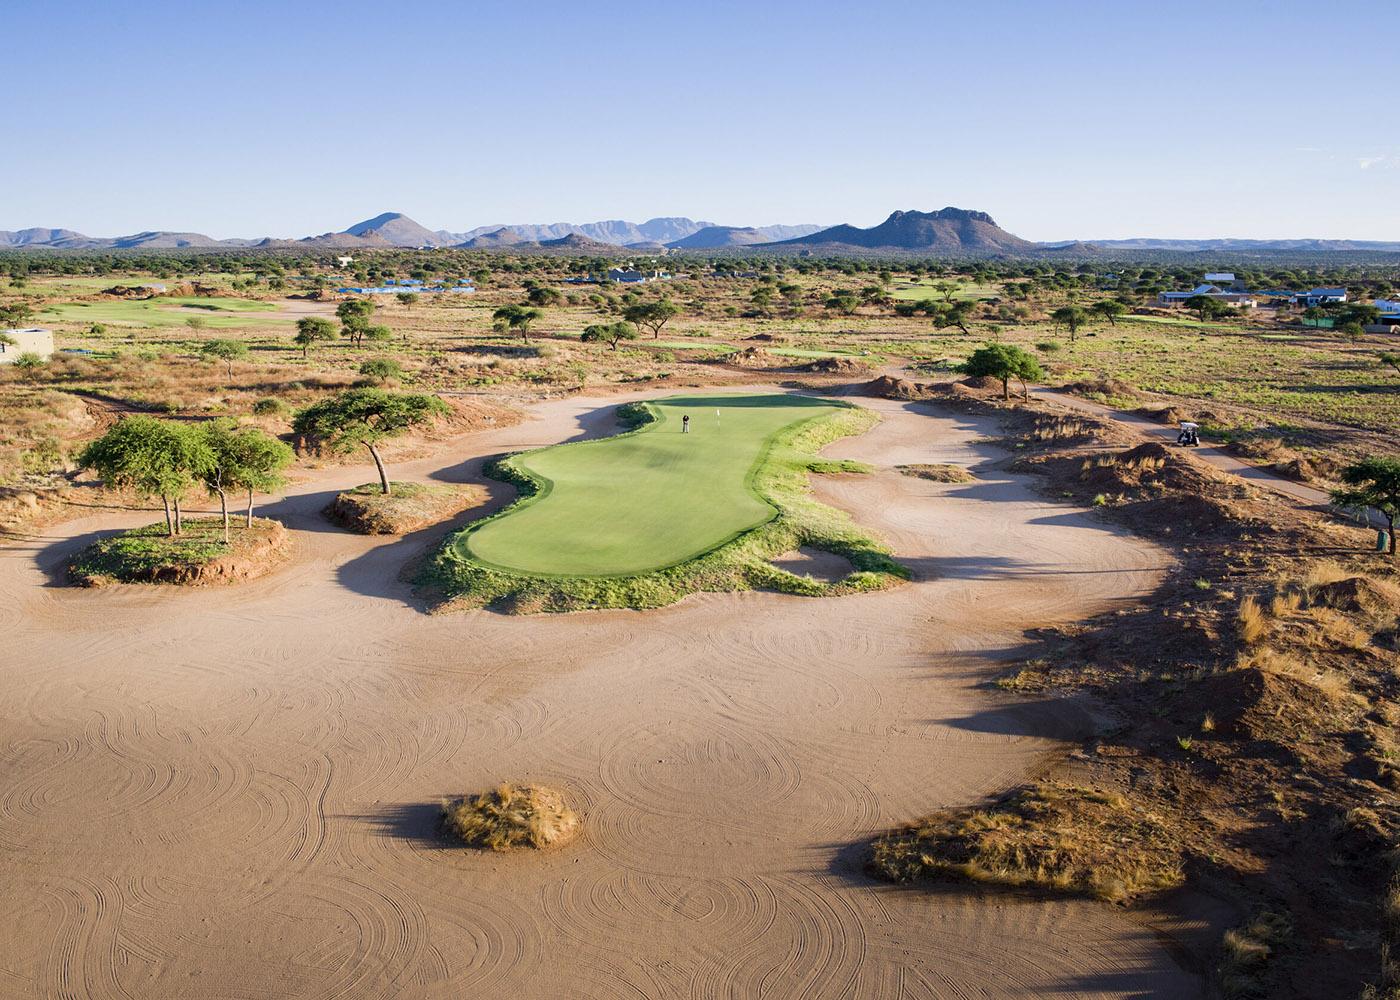 Namibie, à proximité de Windhoek, sur un parcours très vert, un golfeur à l'intérieur d'un bunker effectue un swing